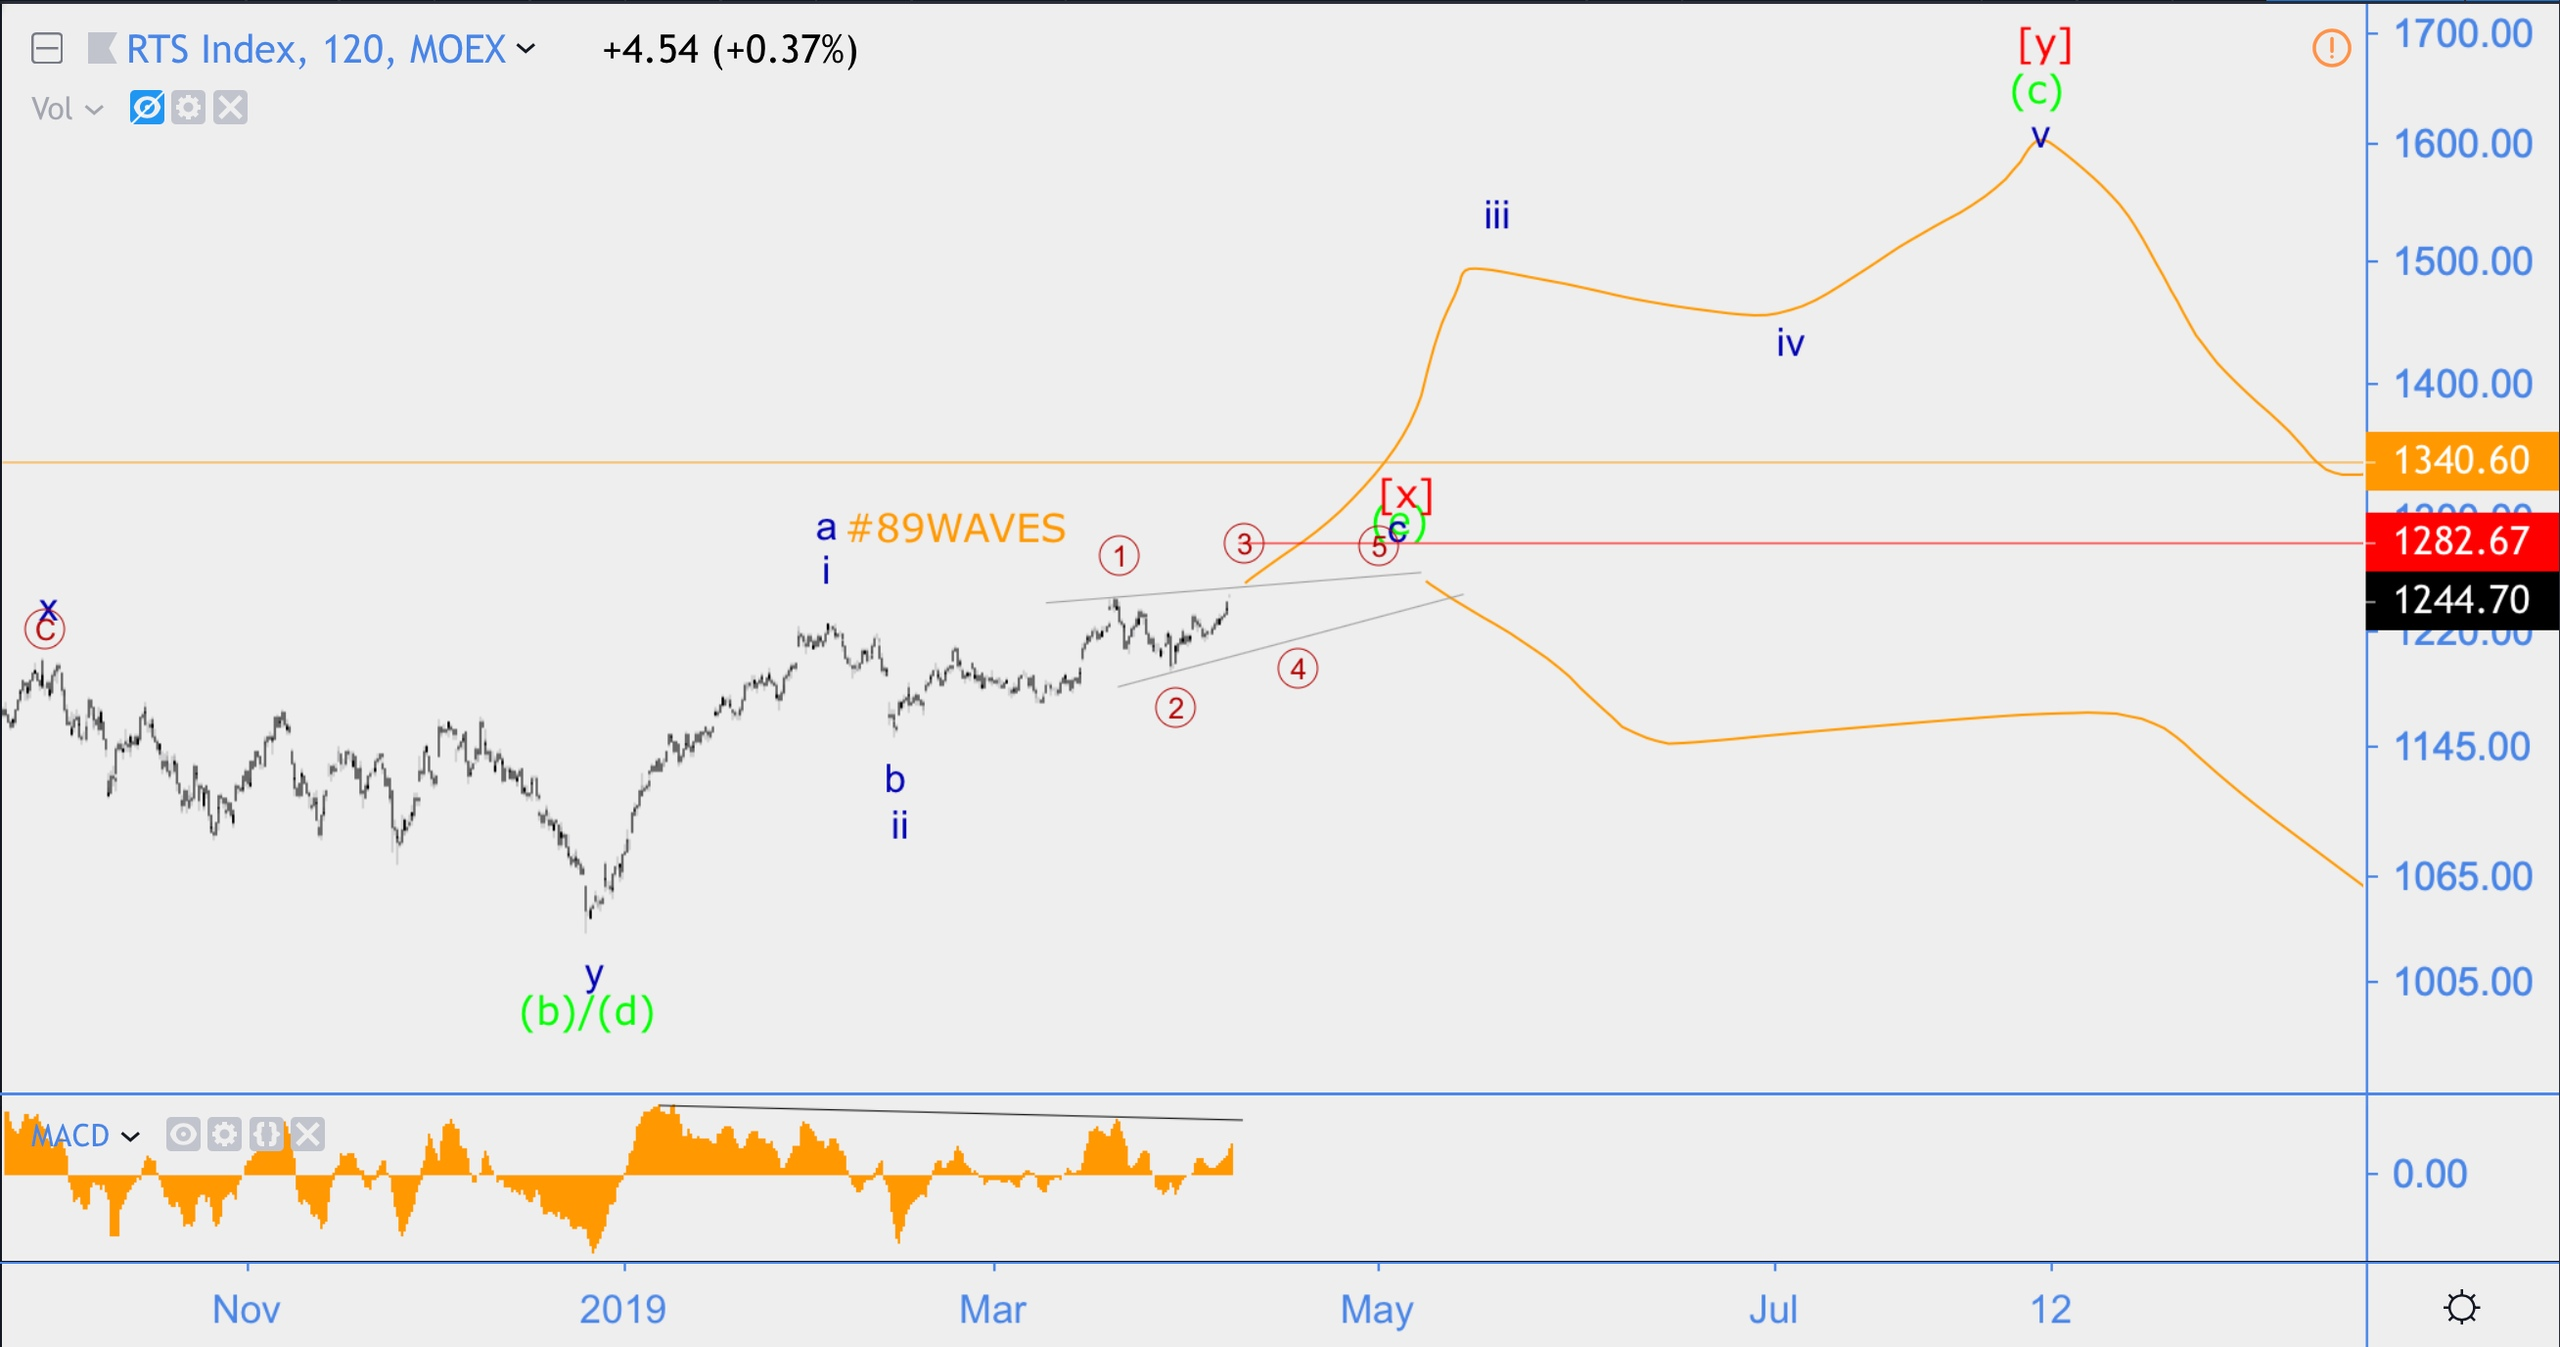 Волновой анализ  GBP/USD, Индекс РТС, Нефть Brent